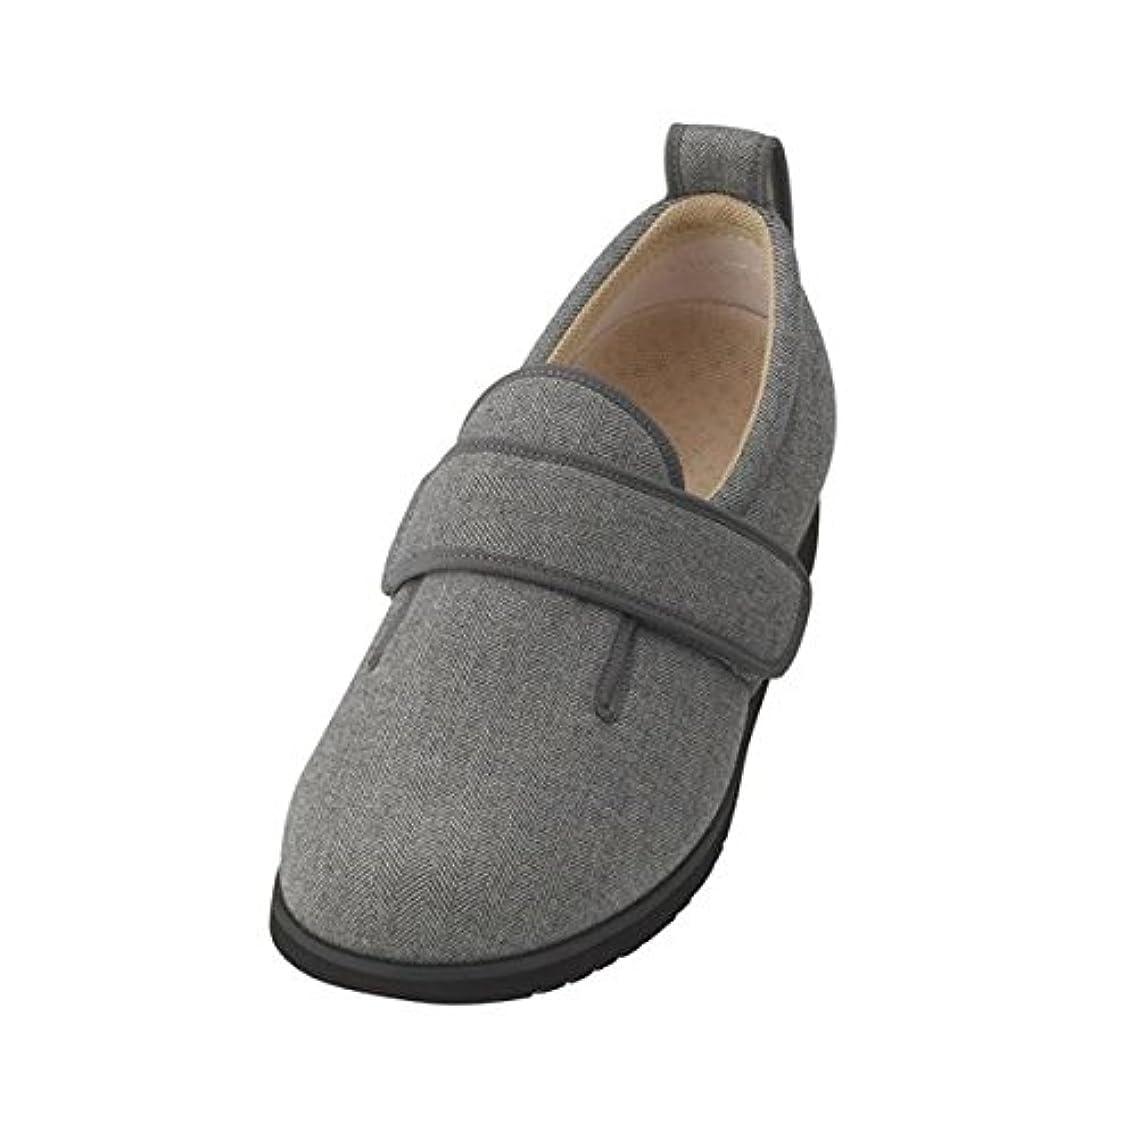 方程式小石起こる介護靴 施設 院内用 ダブルマジック2ヘリンボン 3E 1037 片足 徳武産業 あゆみシリーズ /3L (25.0~25.5cm) グレー 左足 ファッション 靴 シューズ サポートシューズ 室内用 top1-ds-1432152...